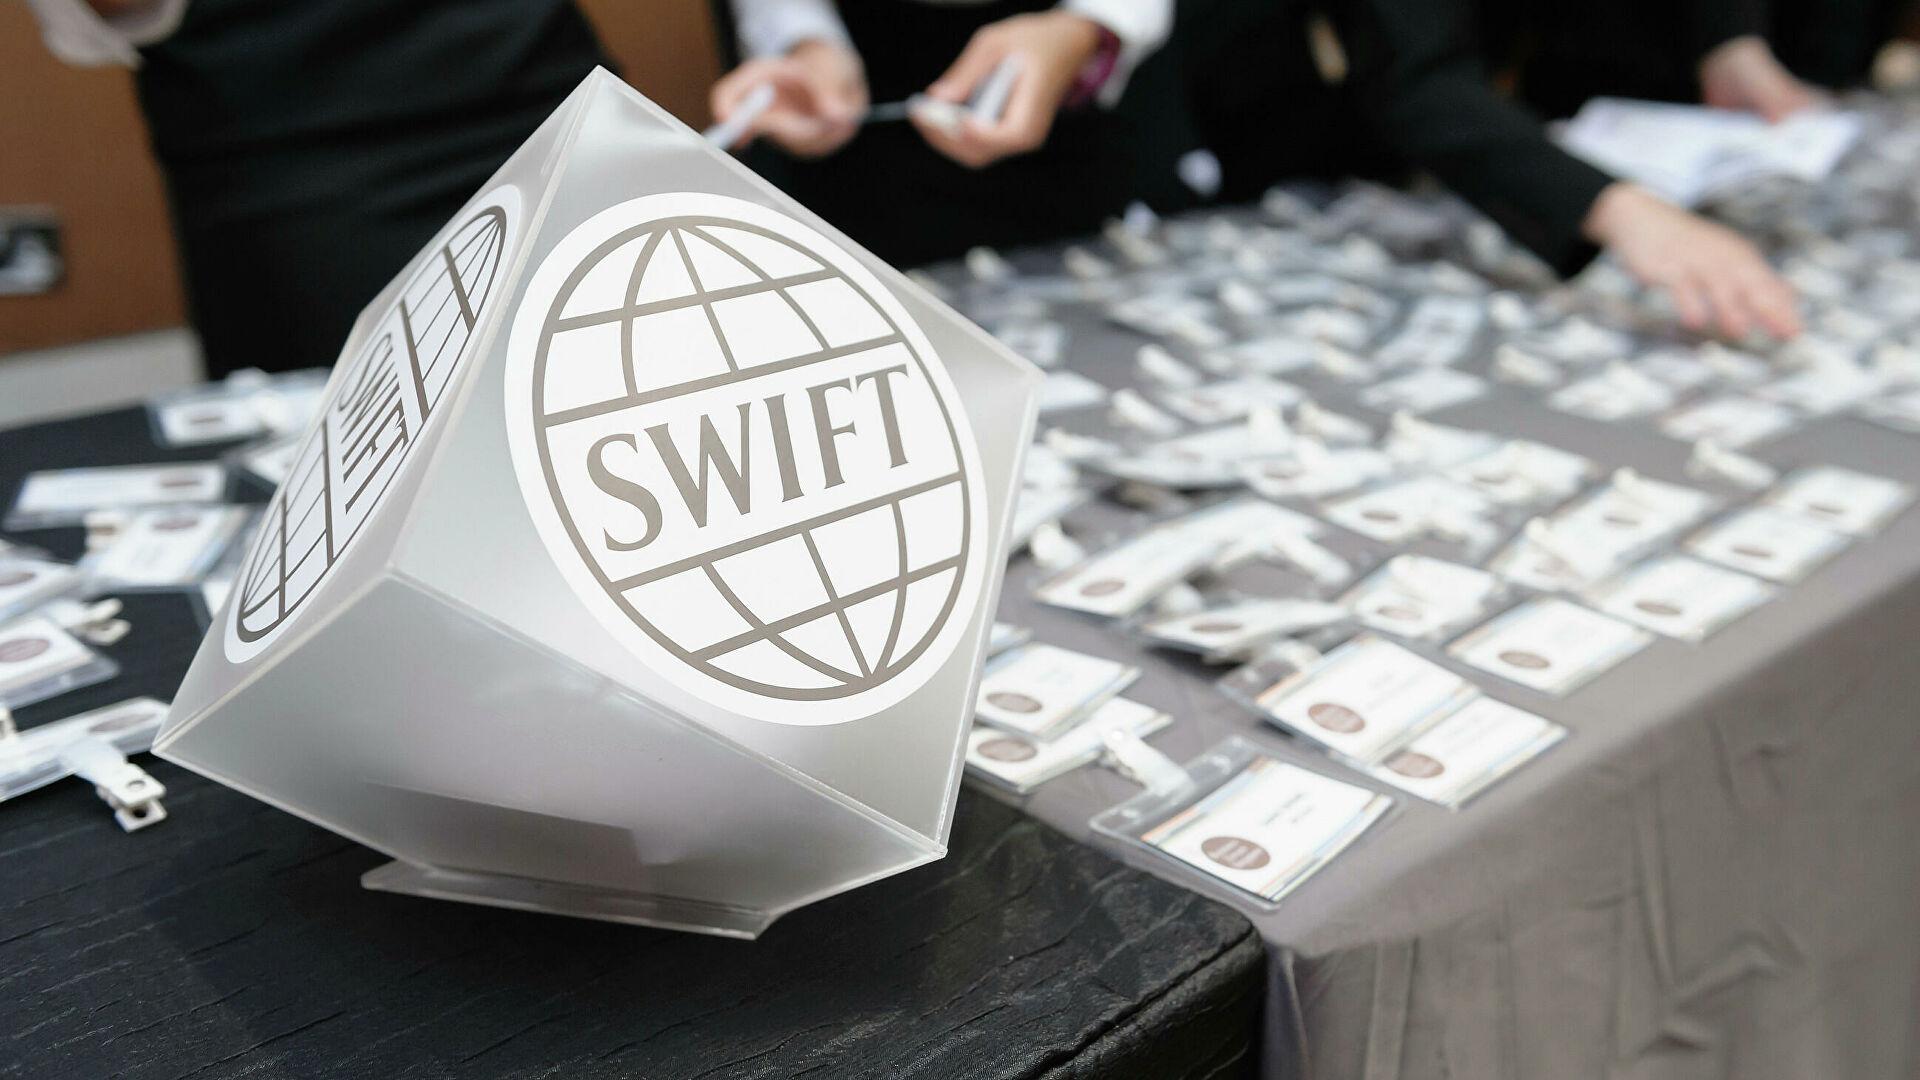 Представитель SWIFT объяснил, почему Россию неотключат отсистемы